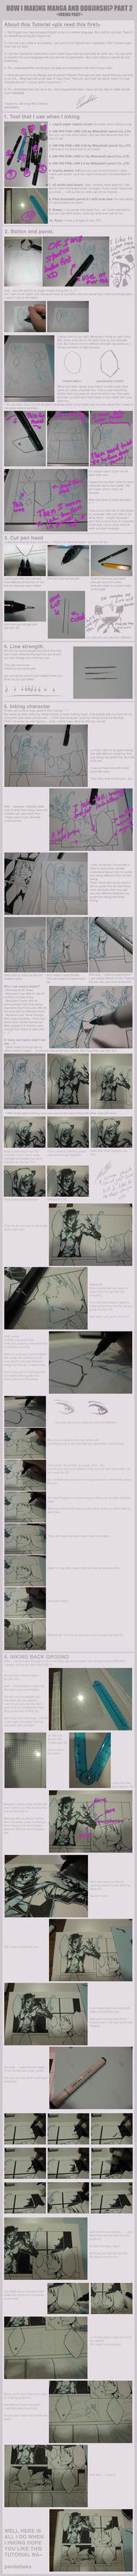 How I making manga part 2 by pandabaka